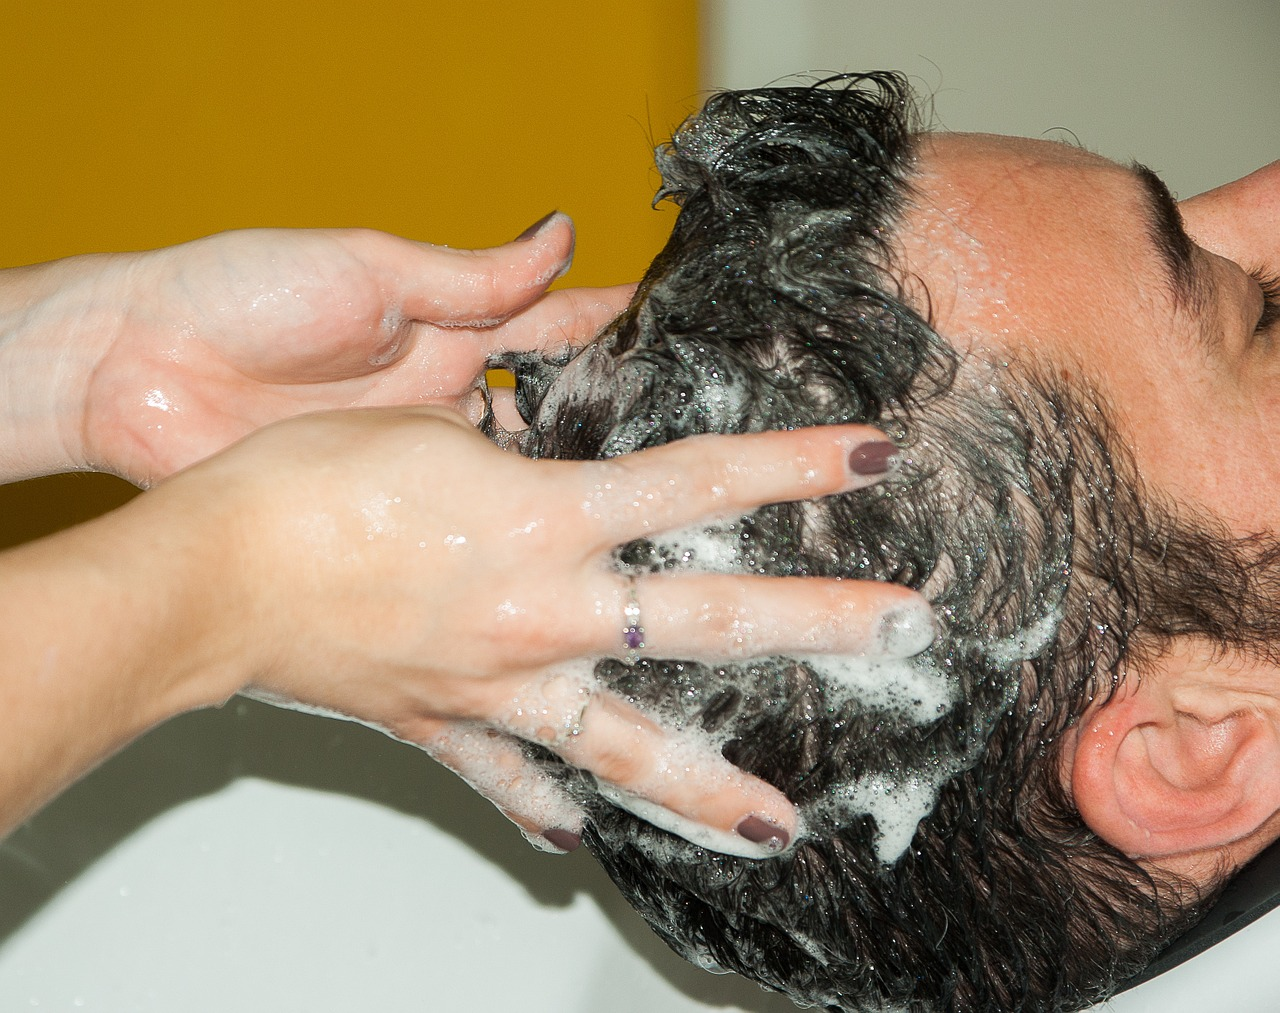 új kenőcsök a fejbőr pikkelysömörének kezelésére hogyan kell kezelni a pikkelysmrt a testen felülvizsgálatok